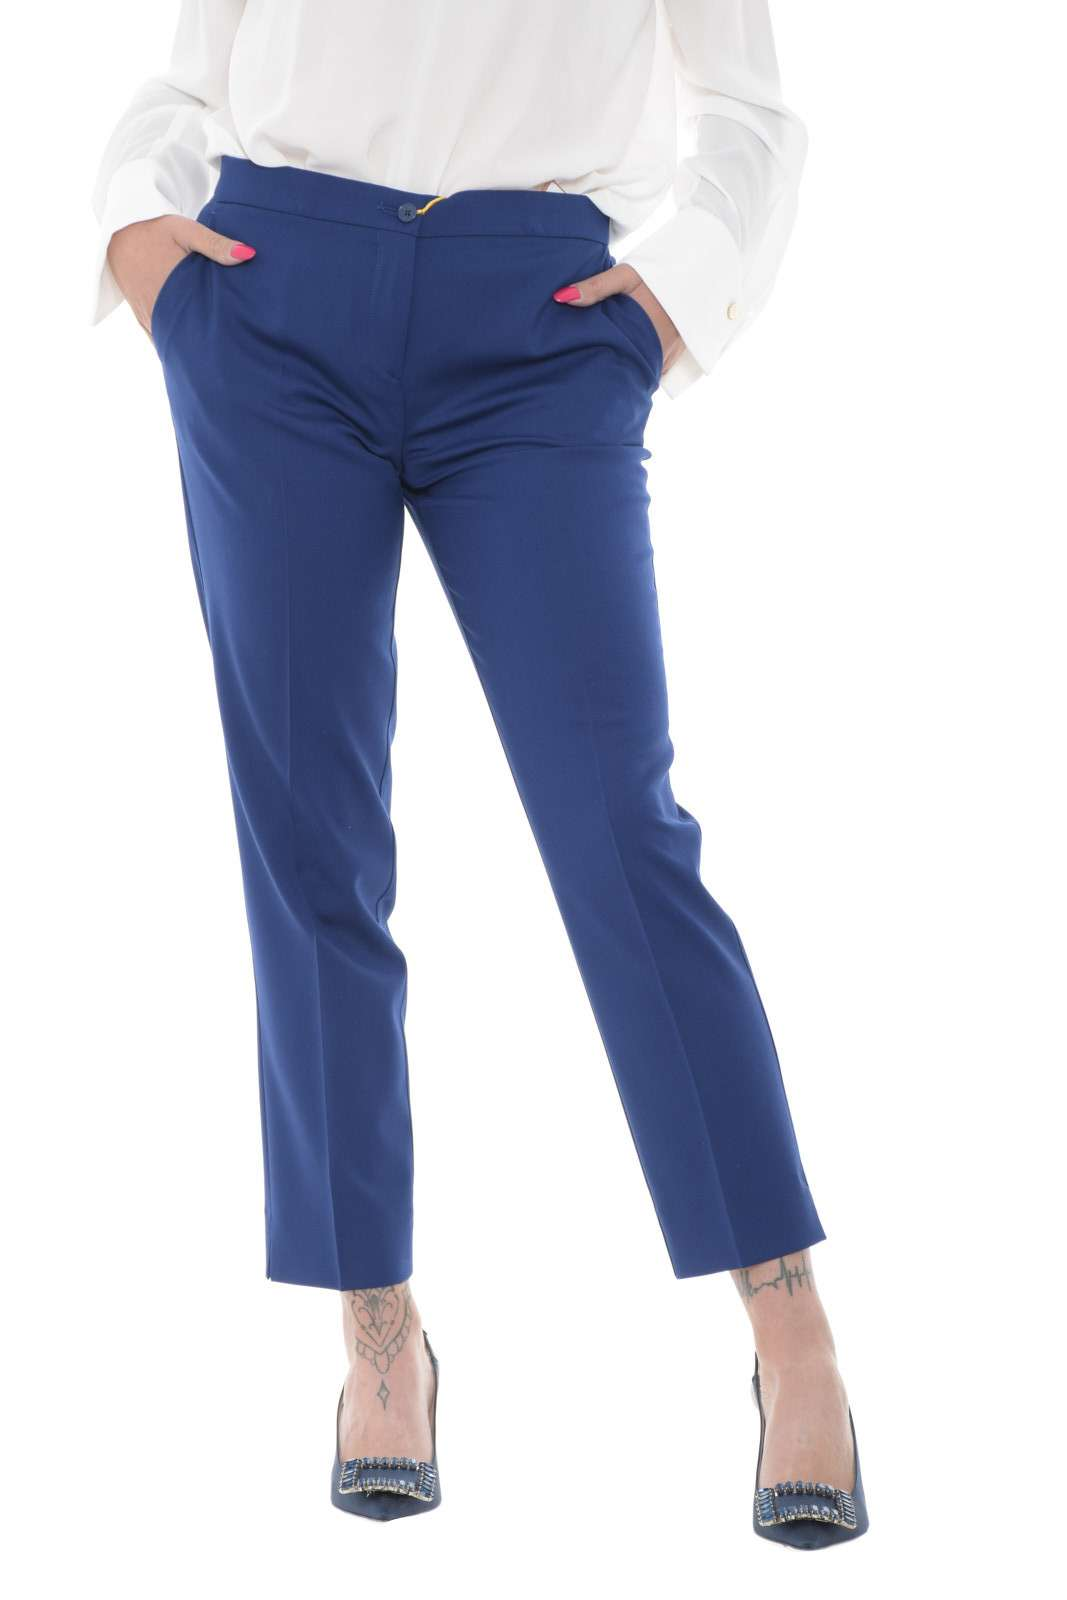 Elegante e impeccabile, questo pantalone Etro, per la donna che ama look impeccabili in ogni evenienza. L'ideale per completi spezzati, bluse e camicie, e magari un tacco a spillo, per completare outfit eleganti e fashion.